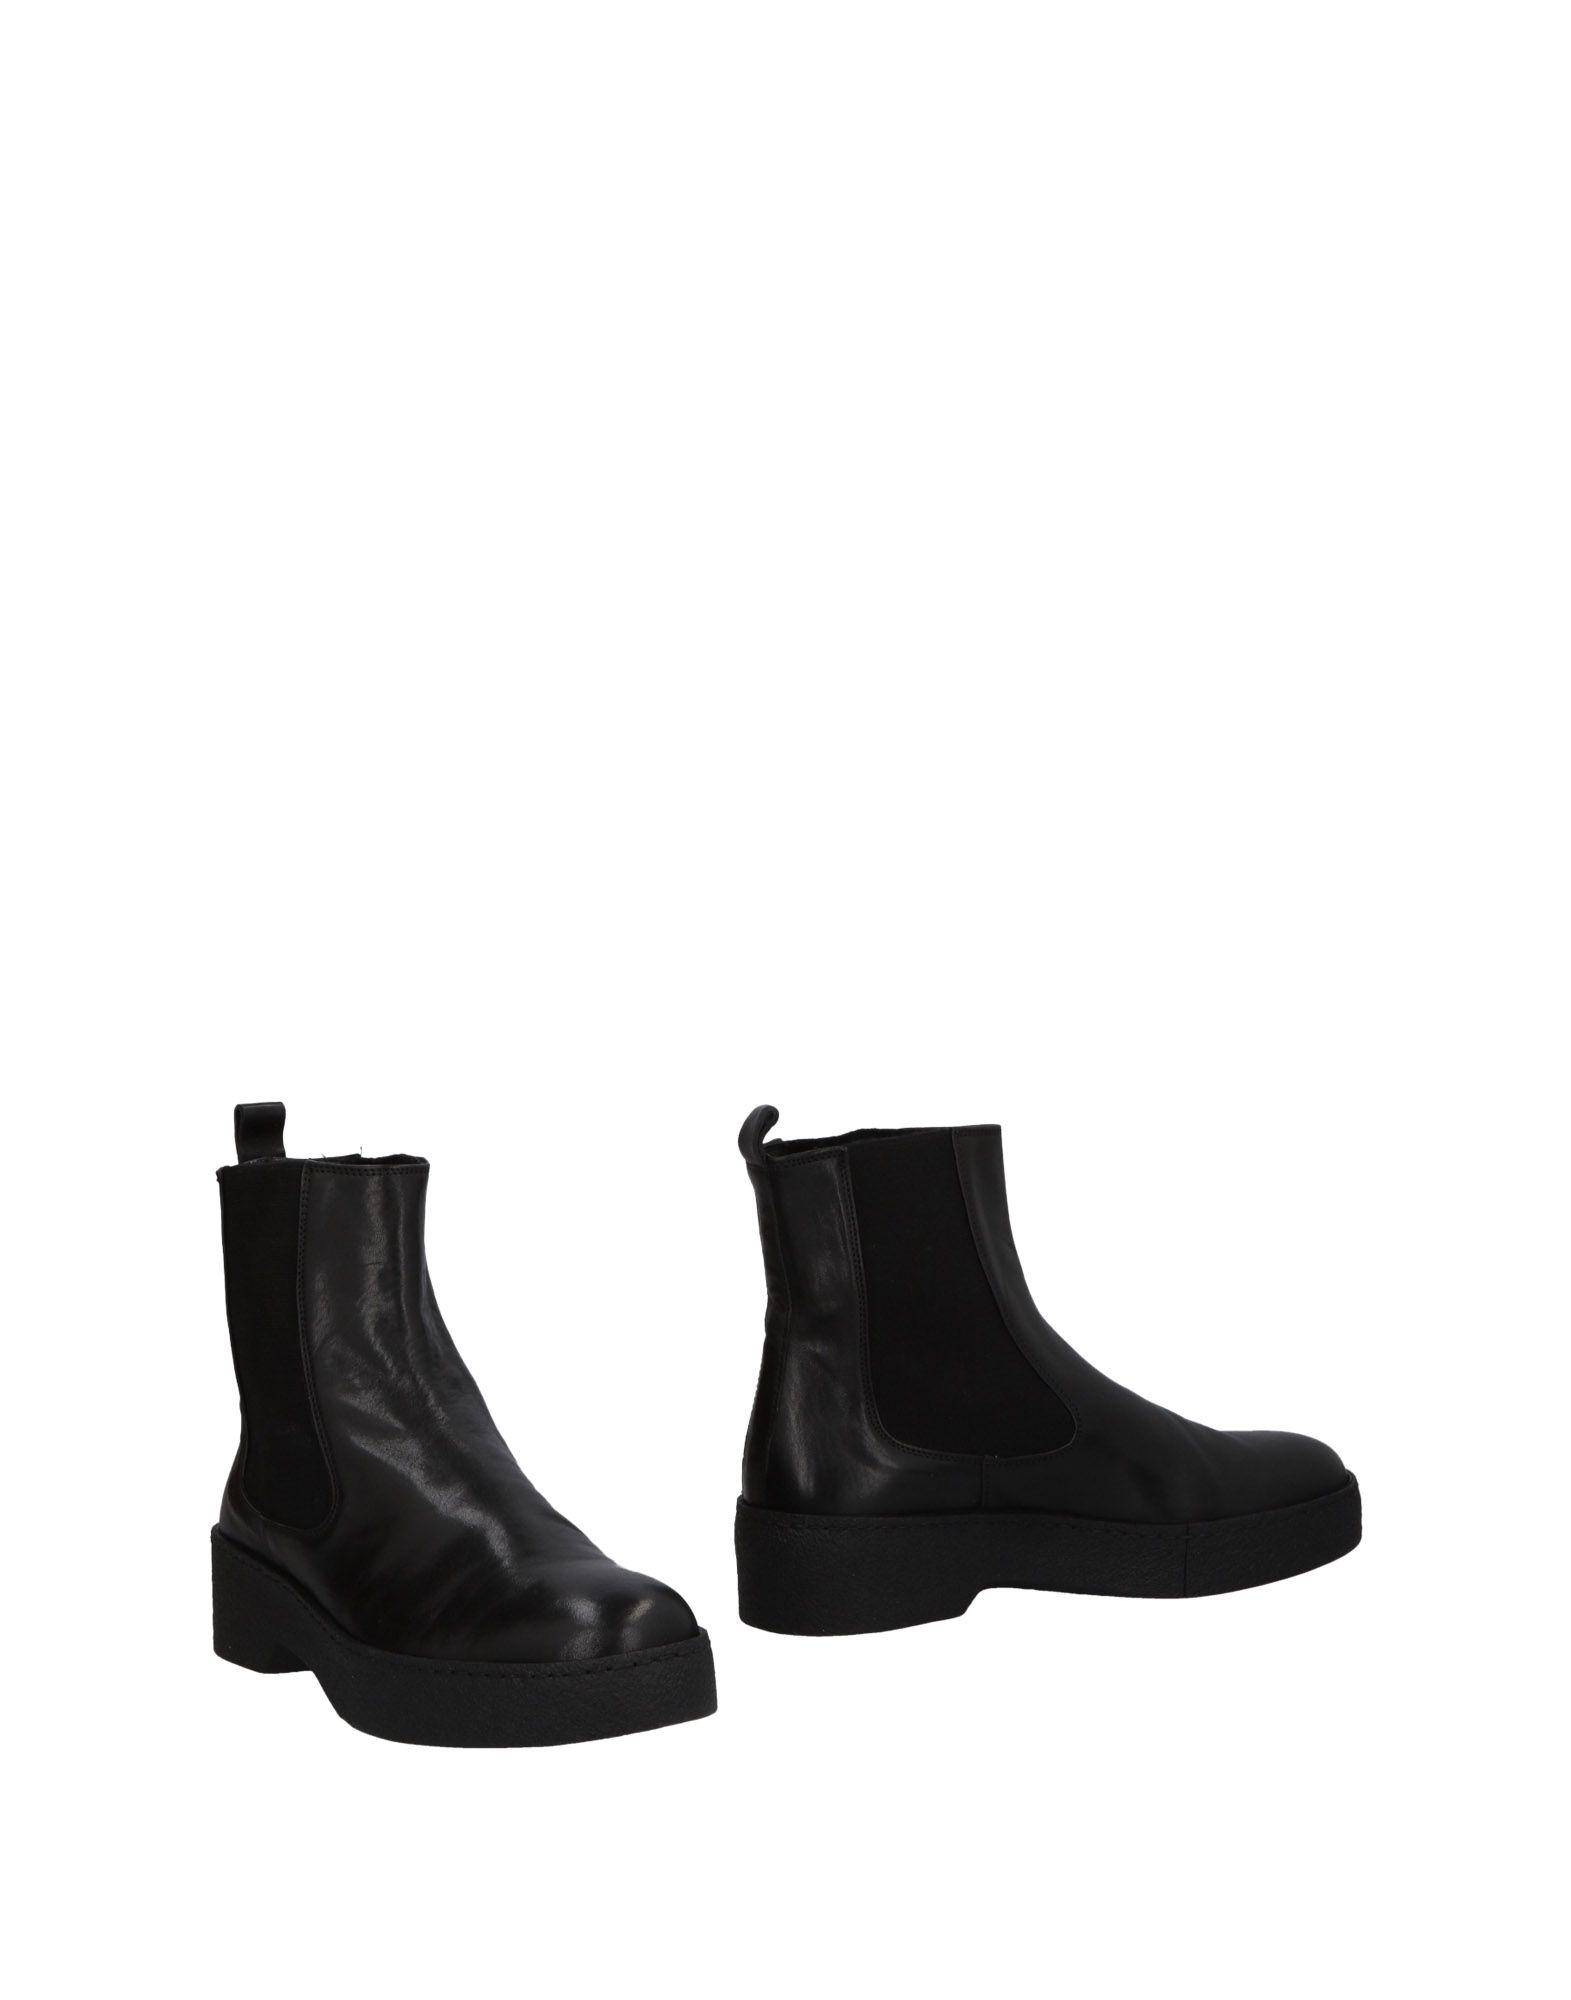 《送料無料》I.N.K. Shoes レディース ショートブーツ ブラック 35 革